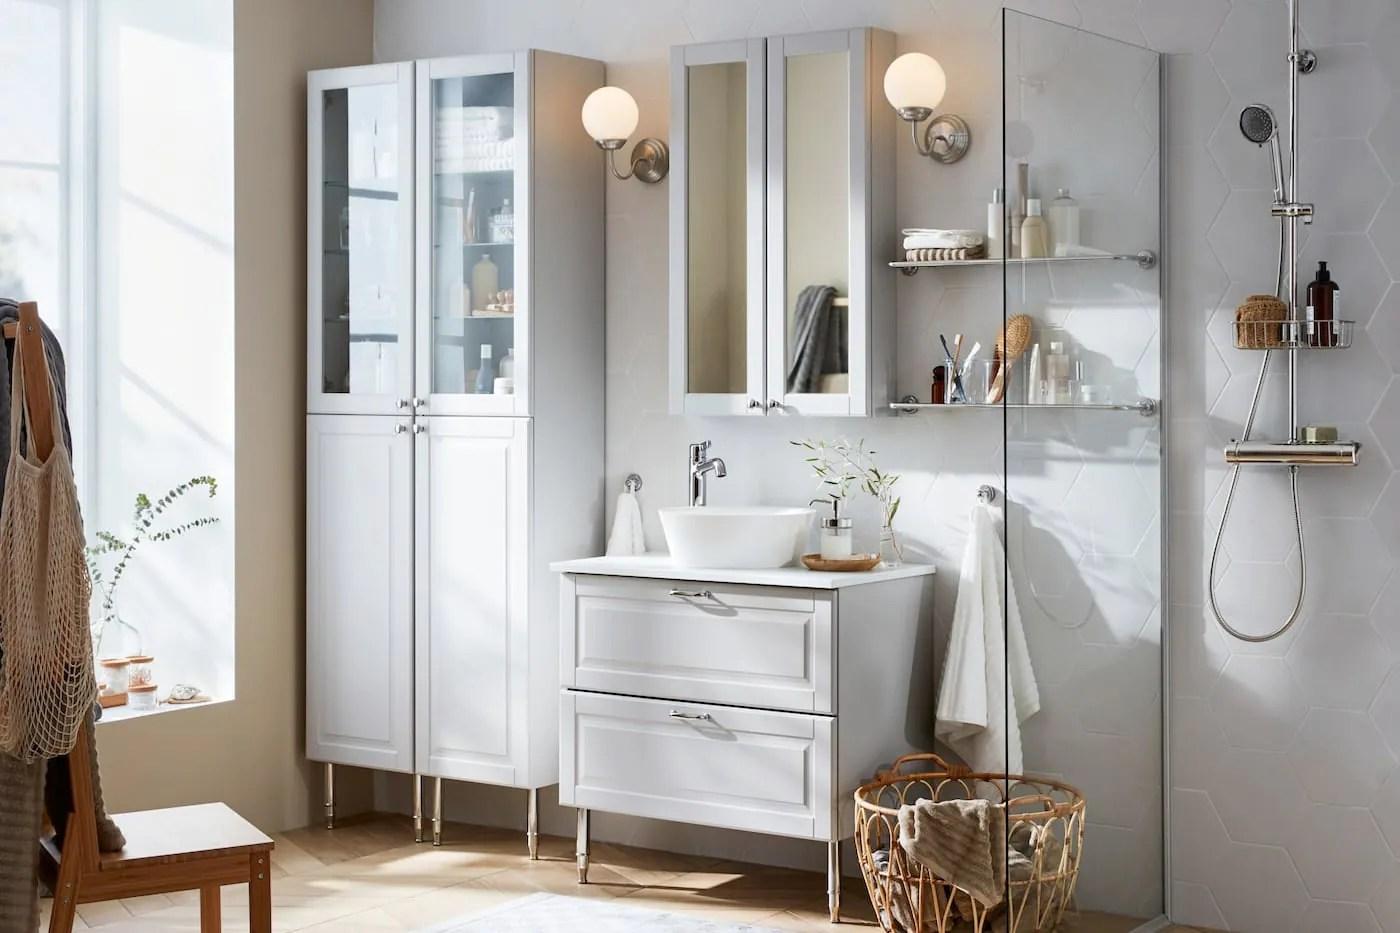 Badezimmer & Badmöbel für dein Zuhause   IKEA